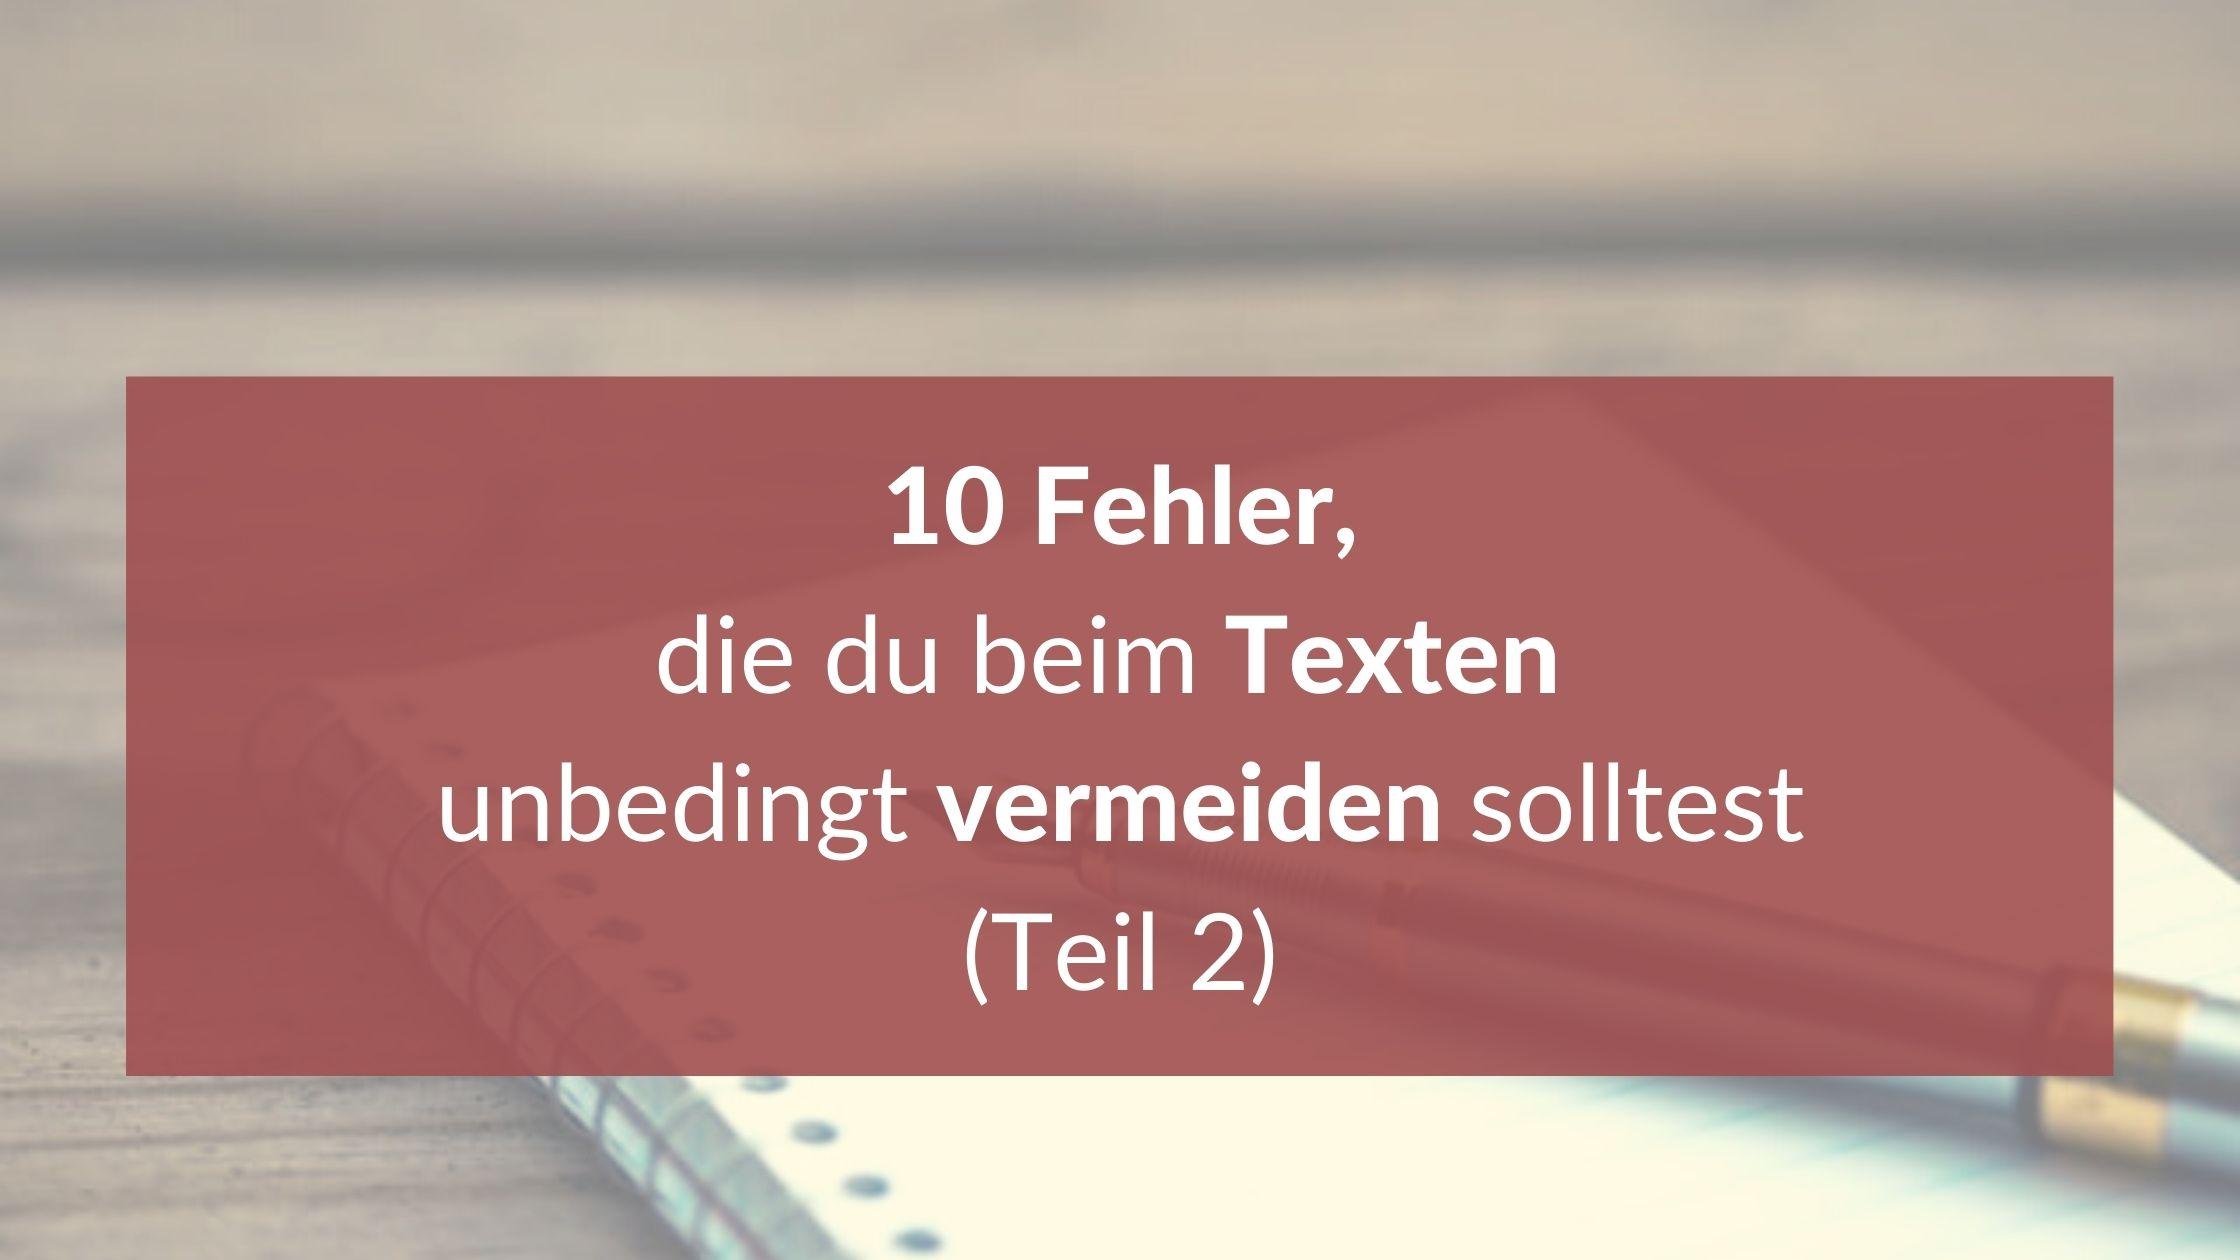 Titelbild zu Blog 8, 10 Fehler, die du beim Texten unbedingt vermeiden solltest, Teil 2